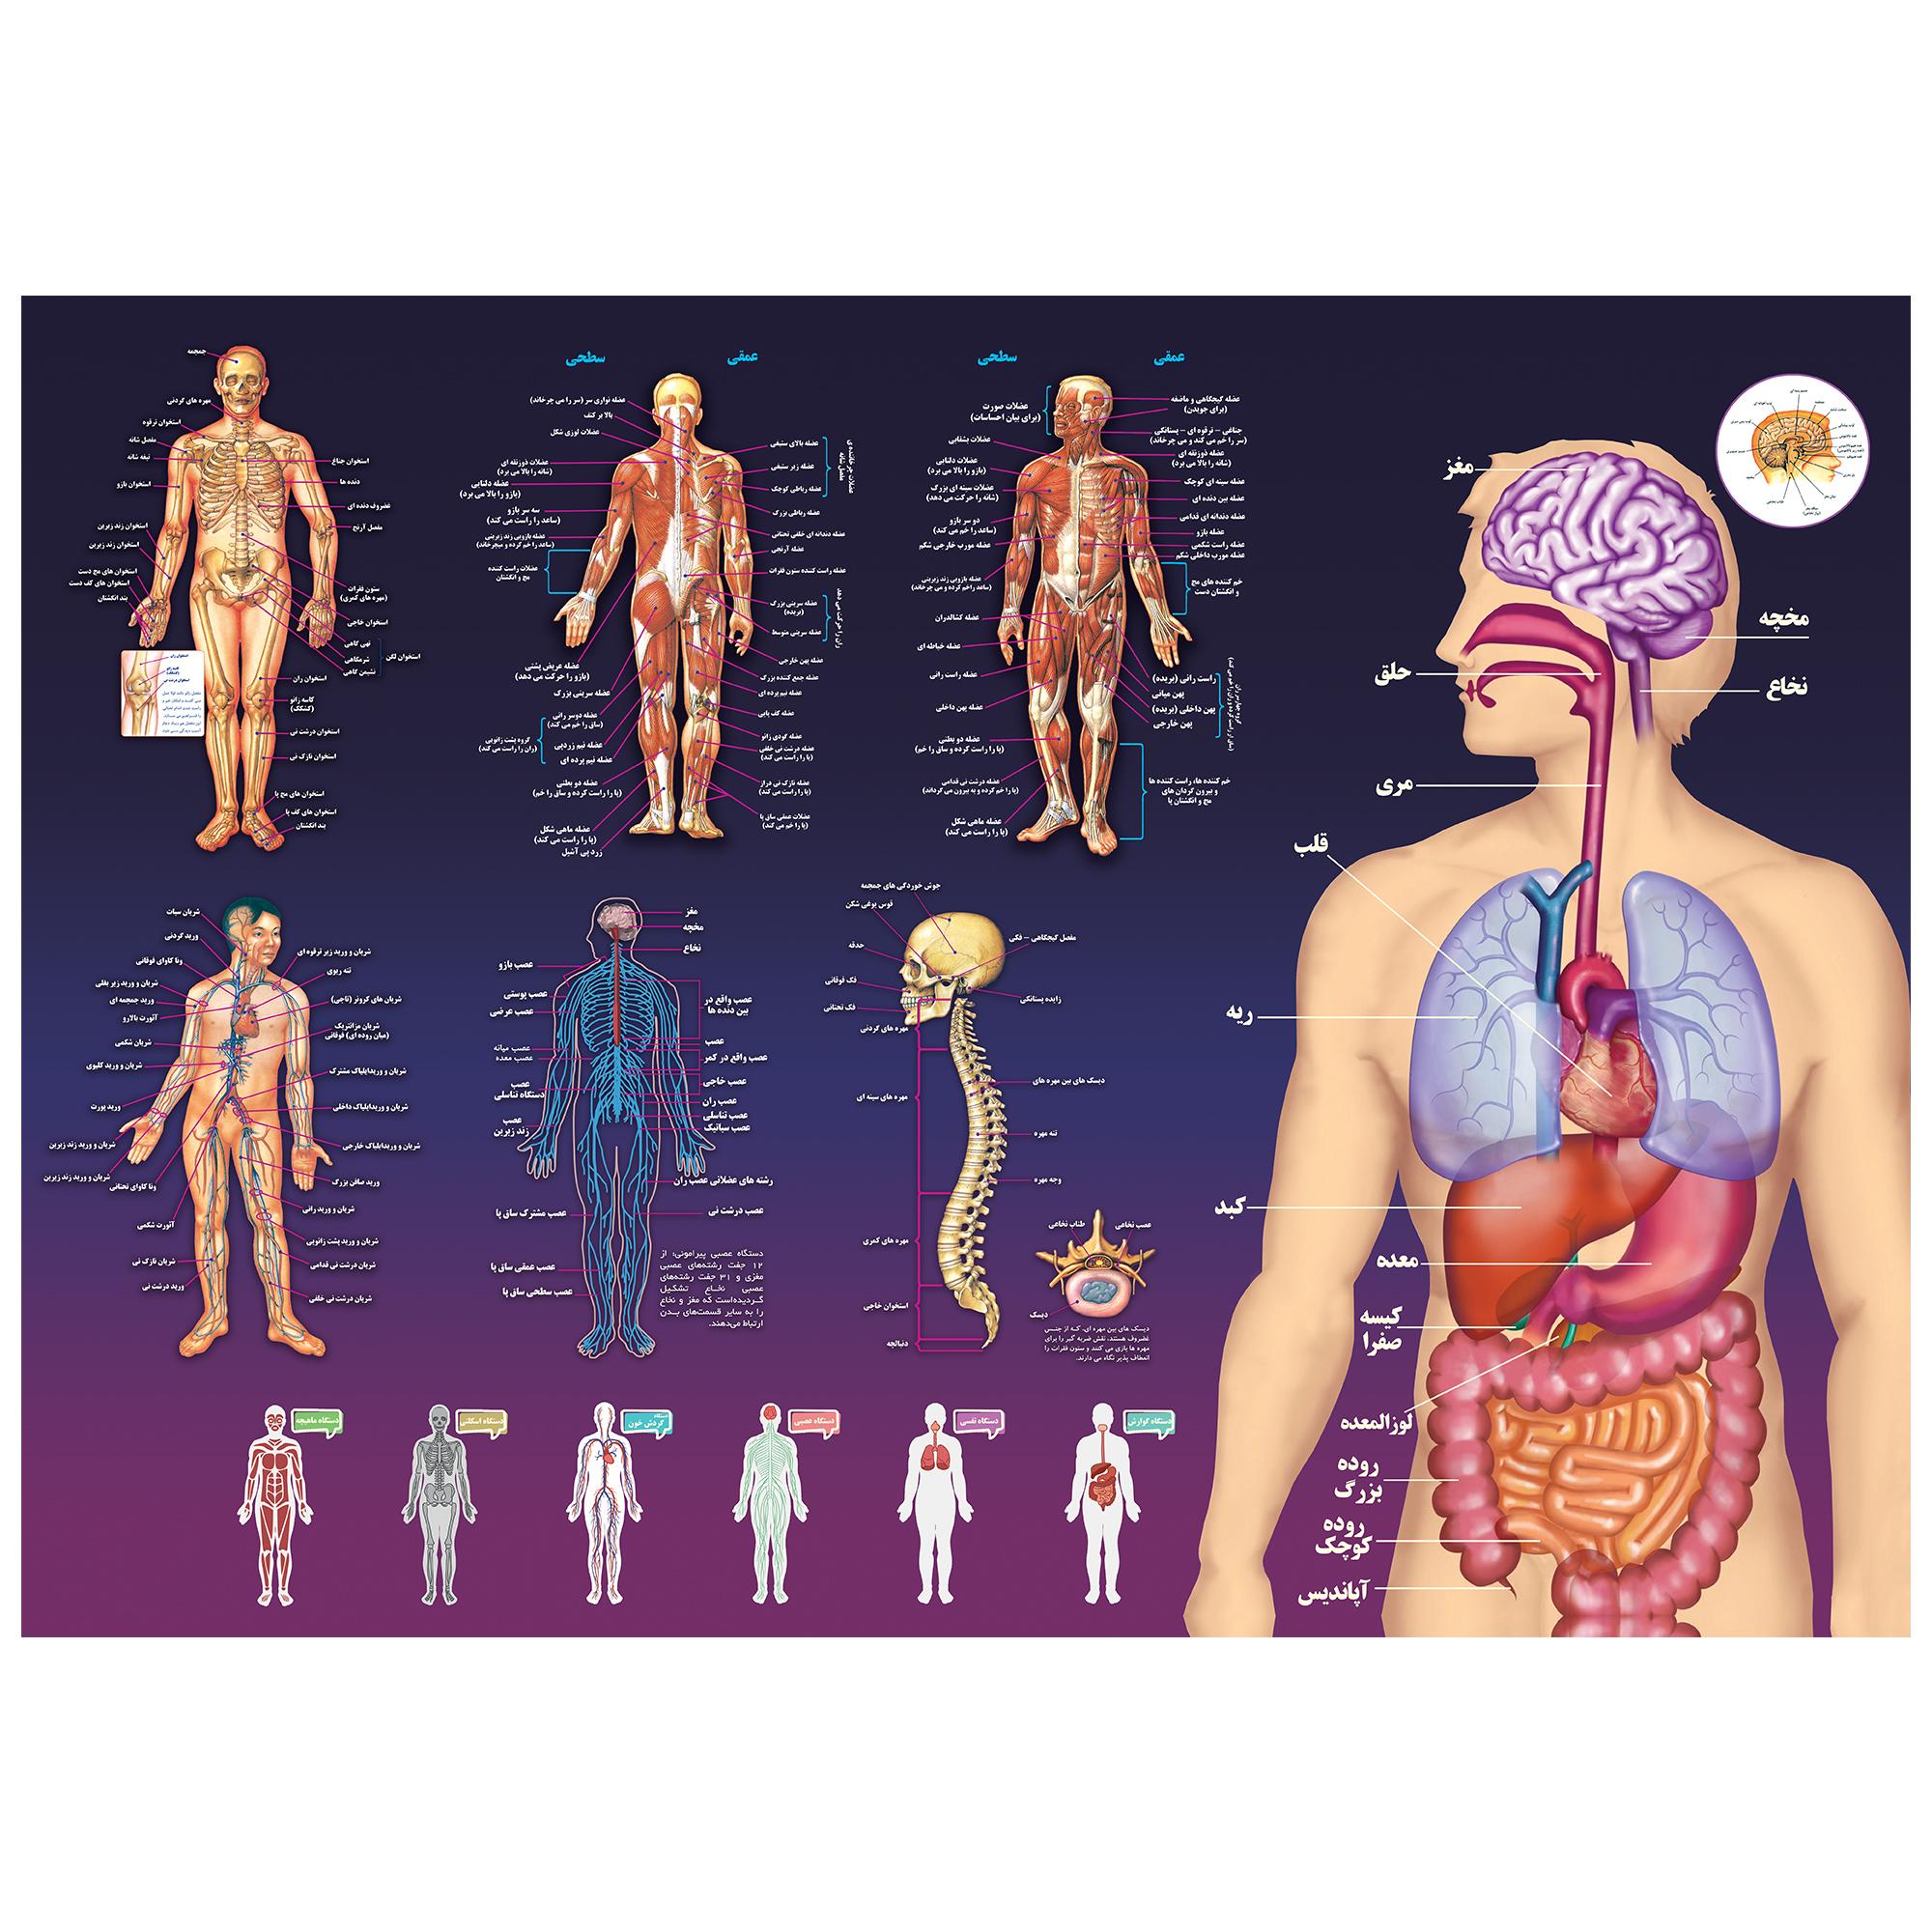 پوستر آموزشی اندیشه کهن مدل آناتومی بدن انسان کد 301